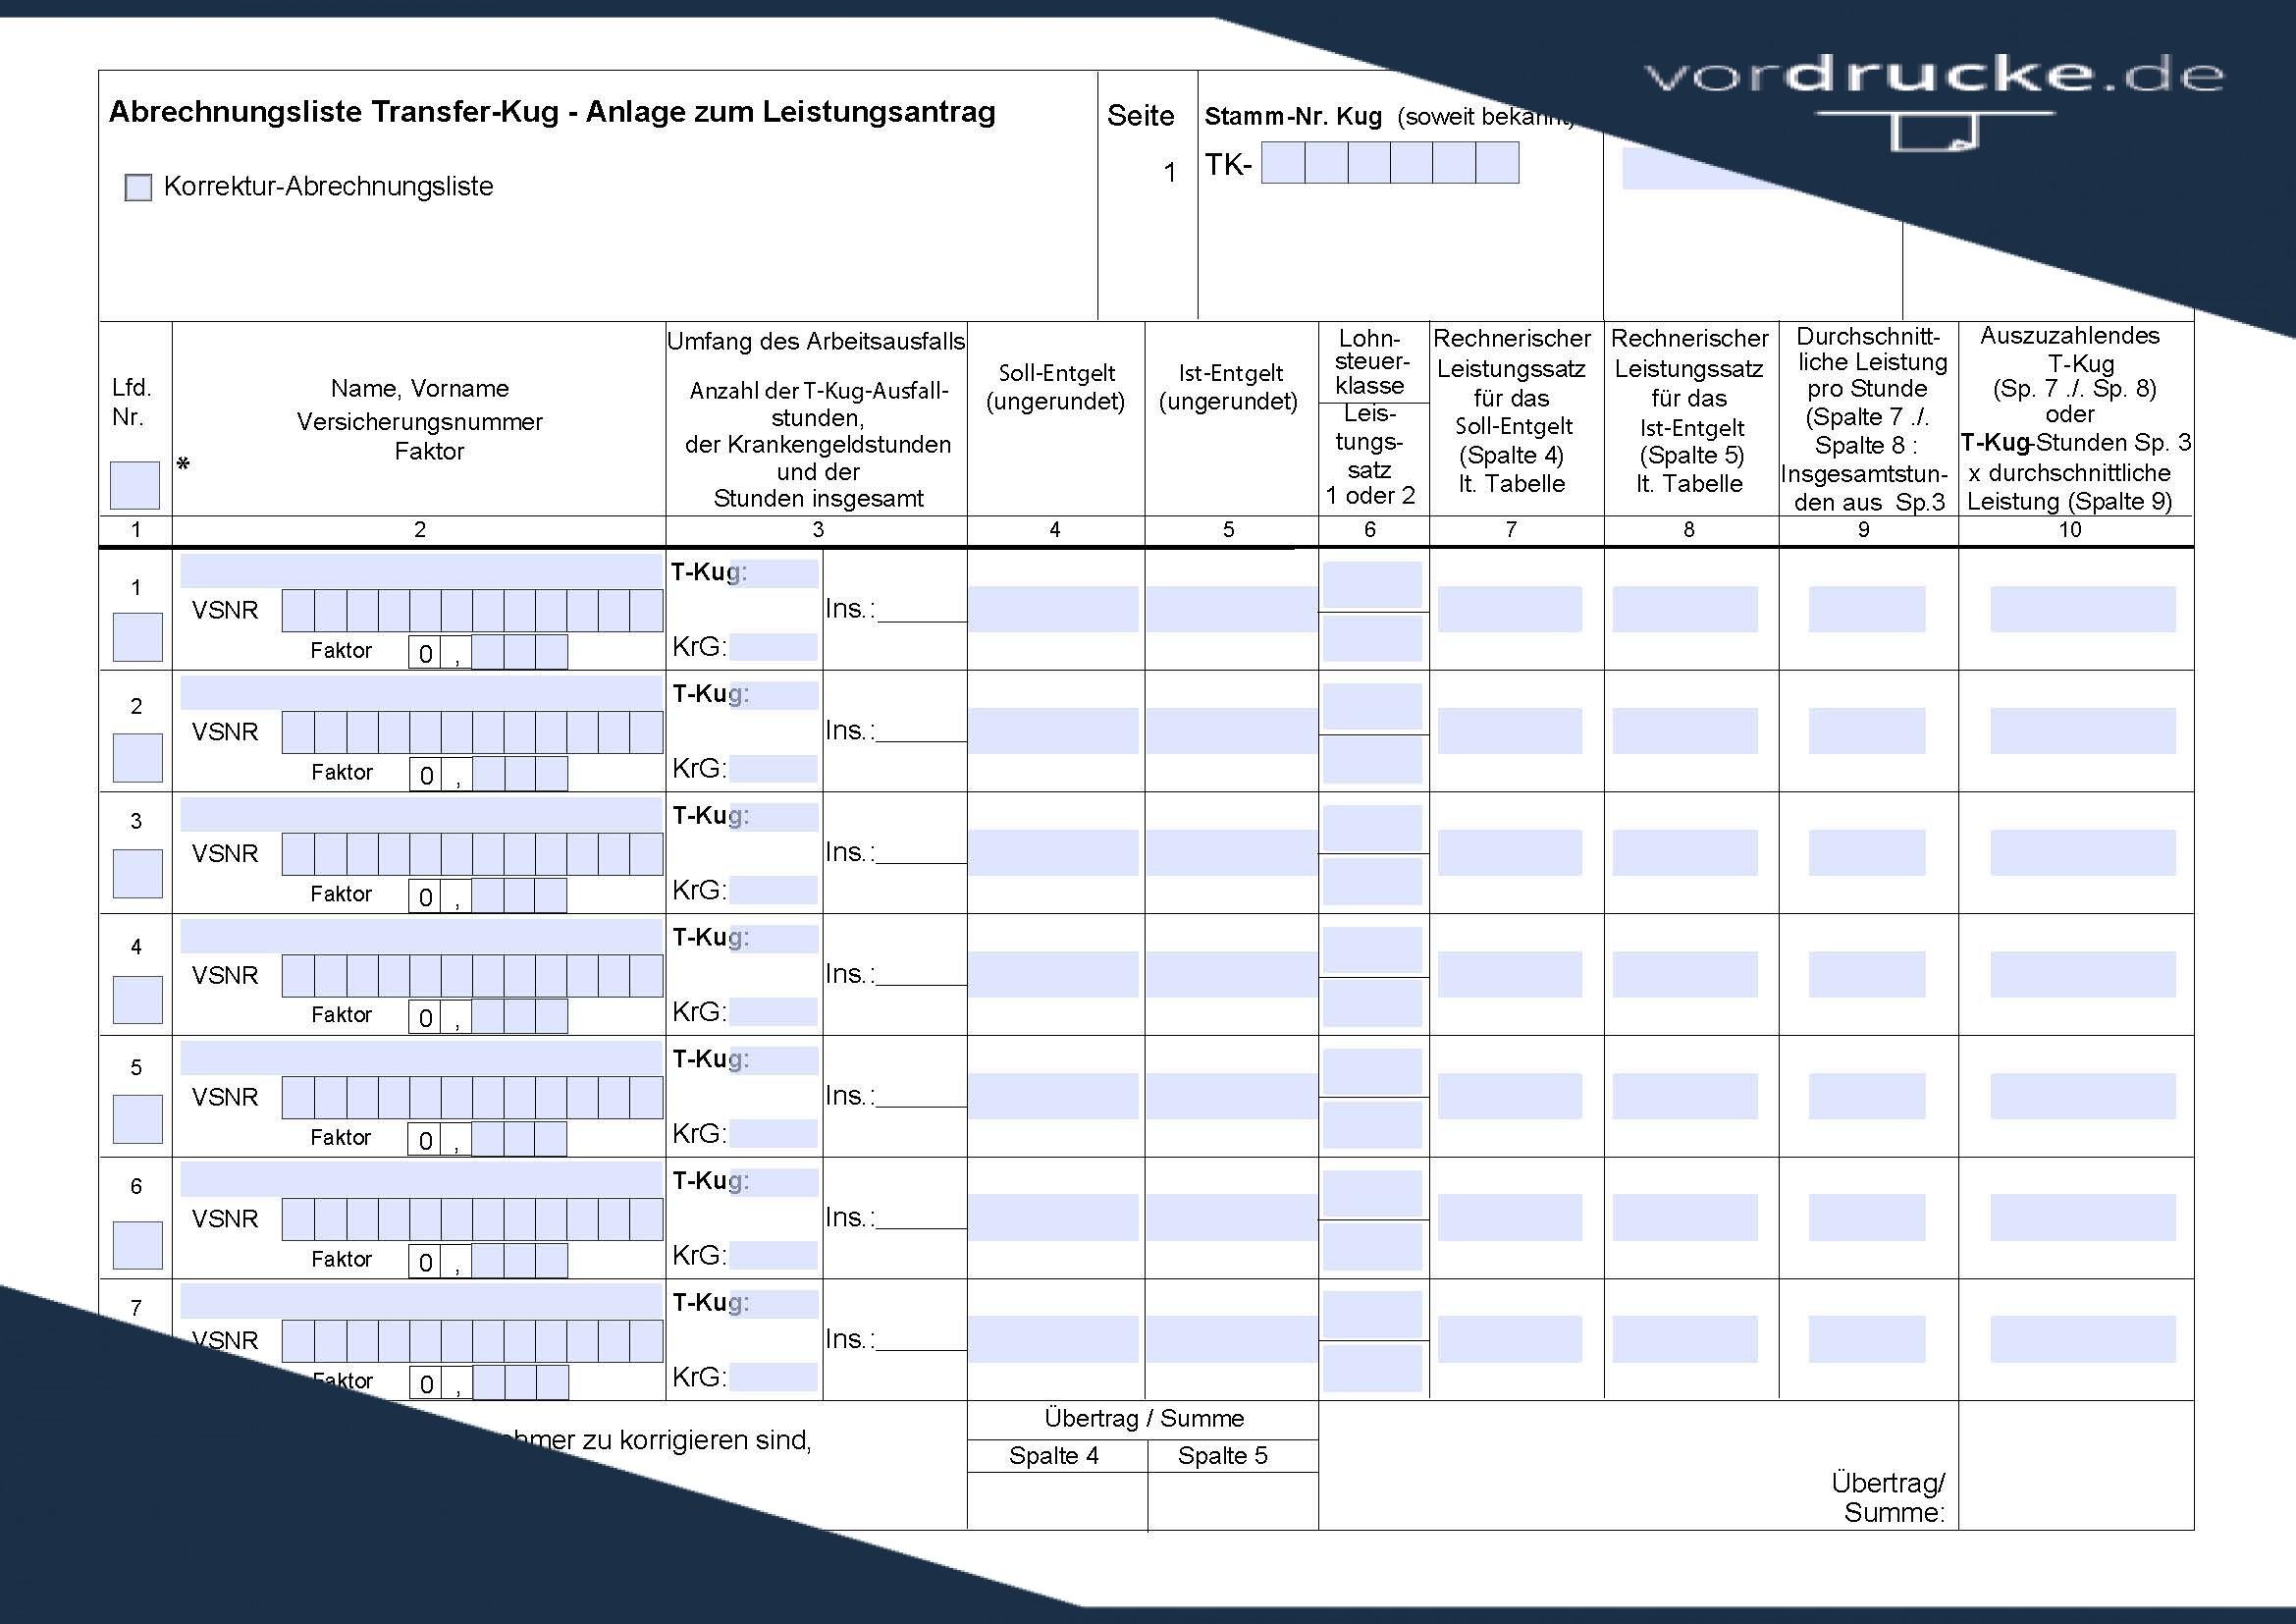 Abrechnungsliste-für-das-Transfer-Kurzarbeitergeld